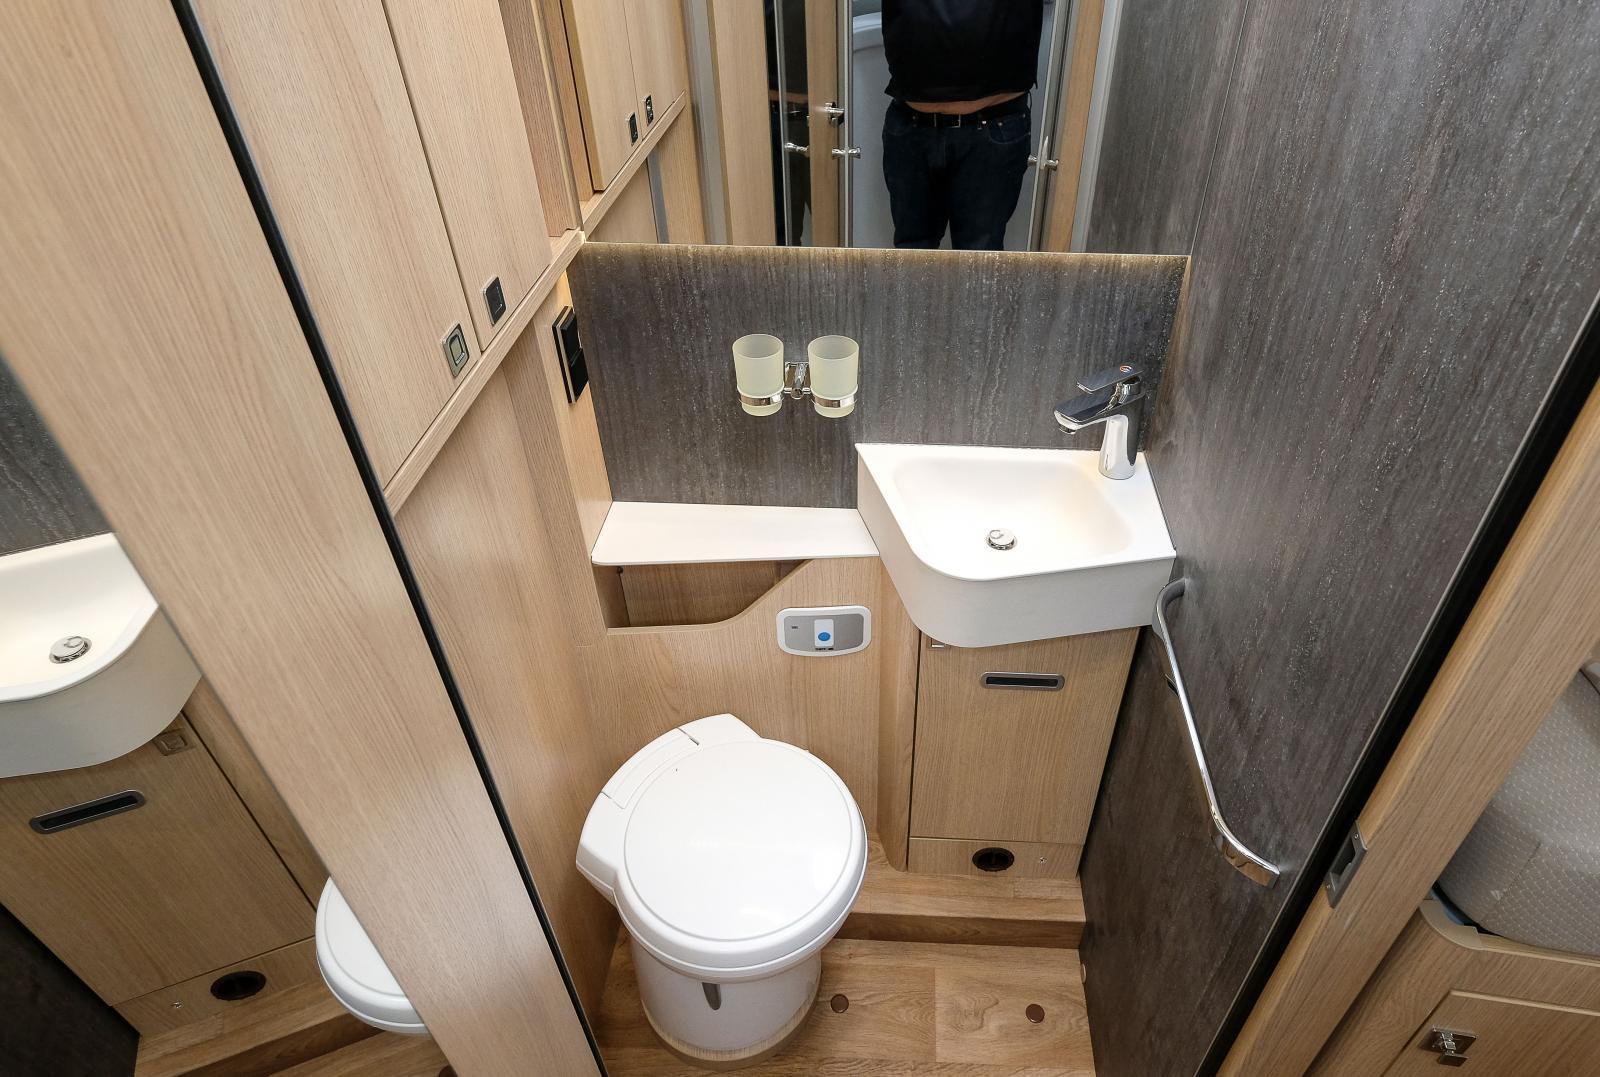 Toalett och handfat i ett utrymme där trivseln är hög tack vare bra förvaring, snygga väggar, kontakter och mugghållare.